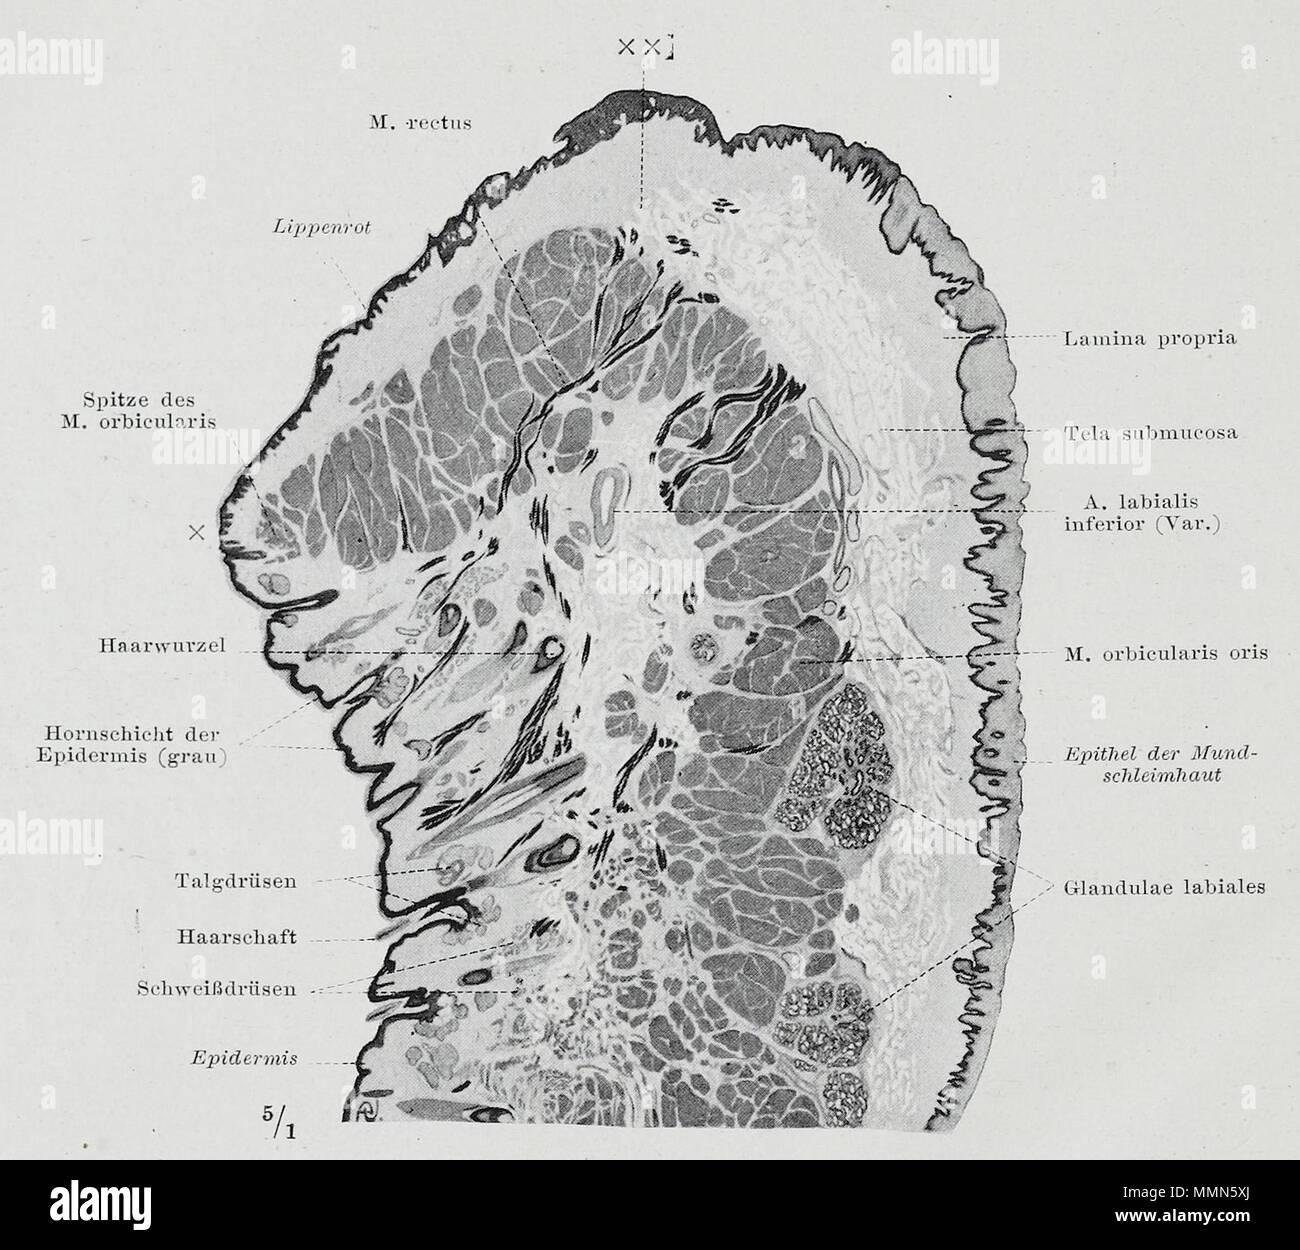 Fantastisch Anatomie Der Mund Und Rachen Bilder Zeitgenössisch ...